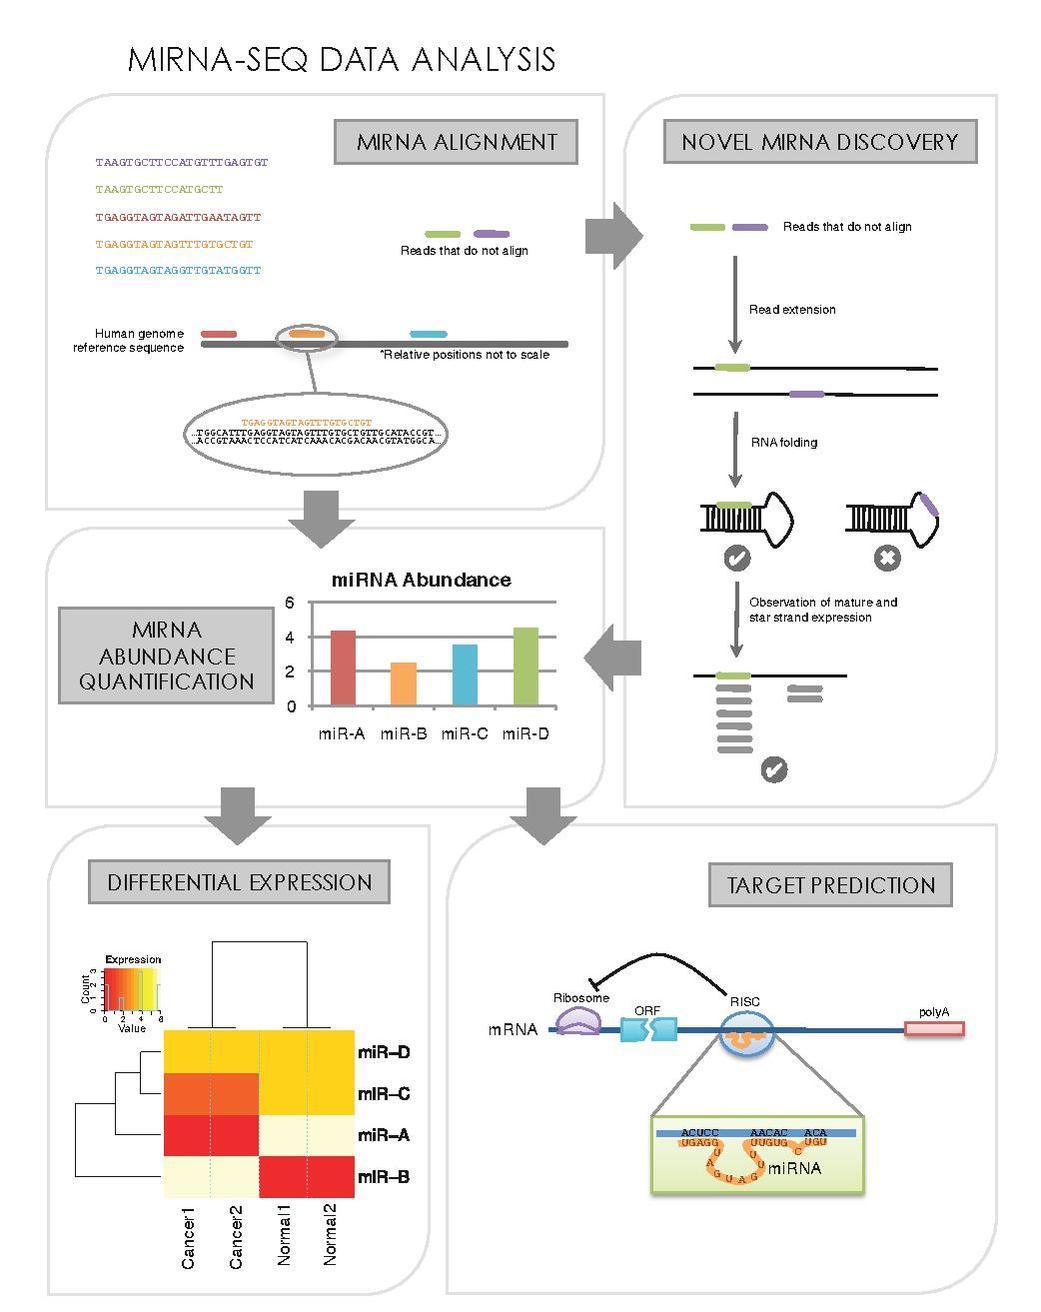 Online data analysis UI - 03 by Uncleserb on DeviantArt